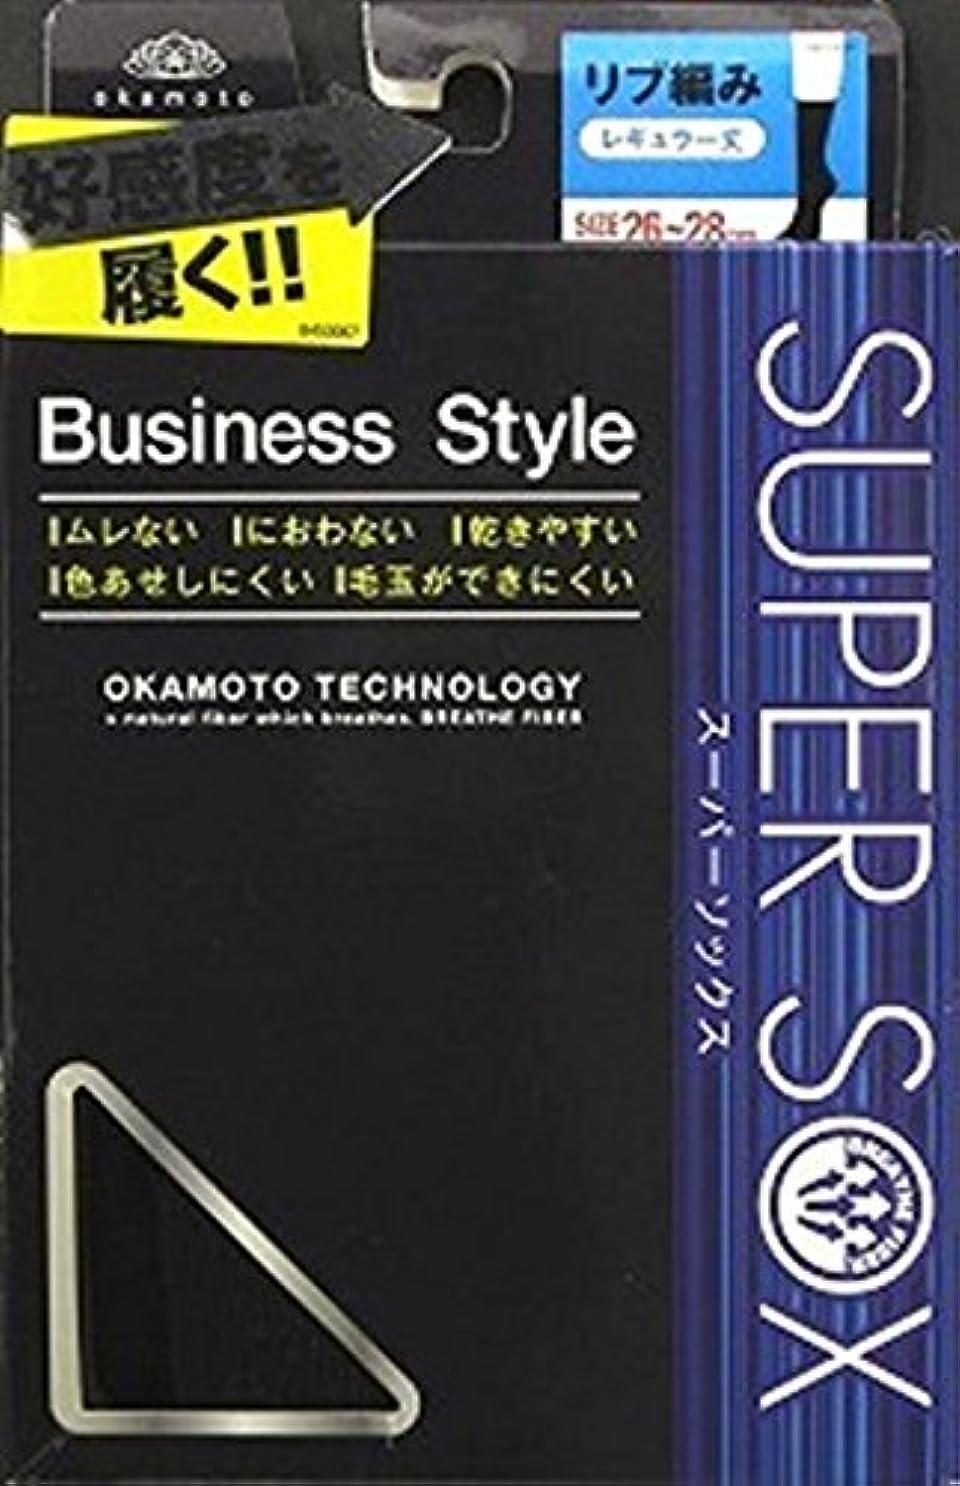 気分が良い起きろタクト岡本 SUPER SOX リブ大 ブラック 26-28cm